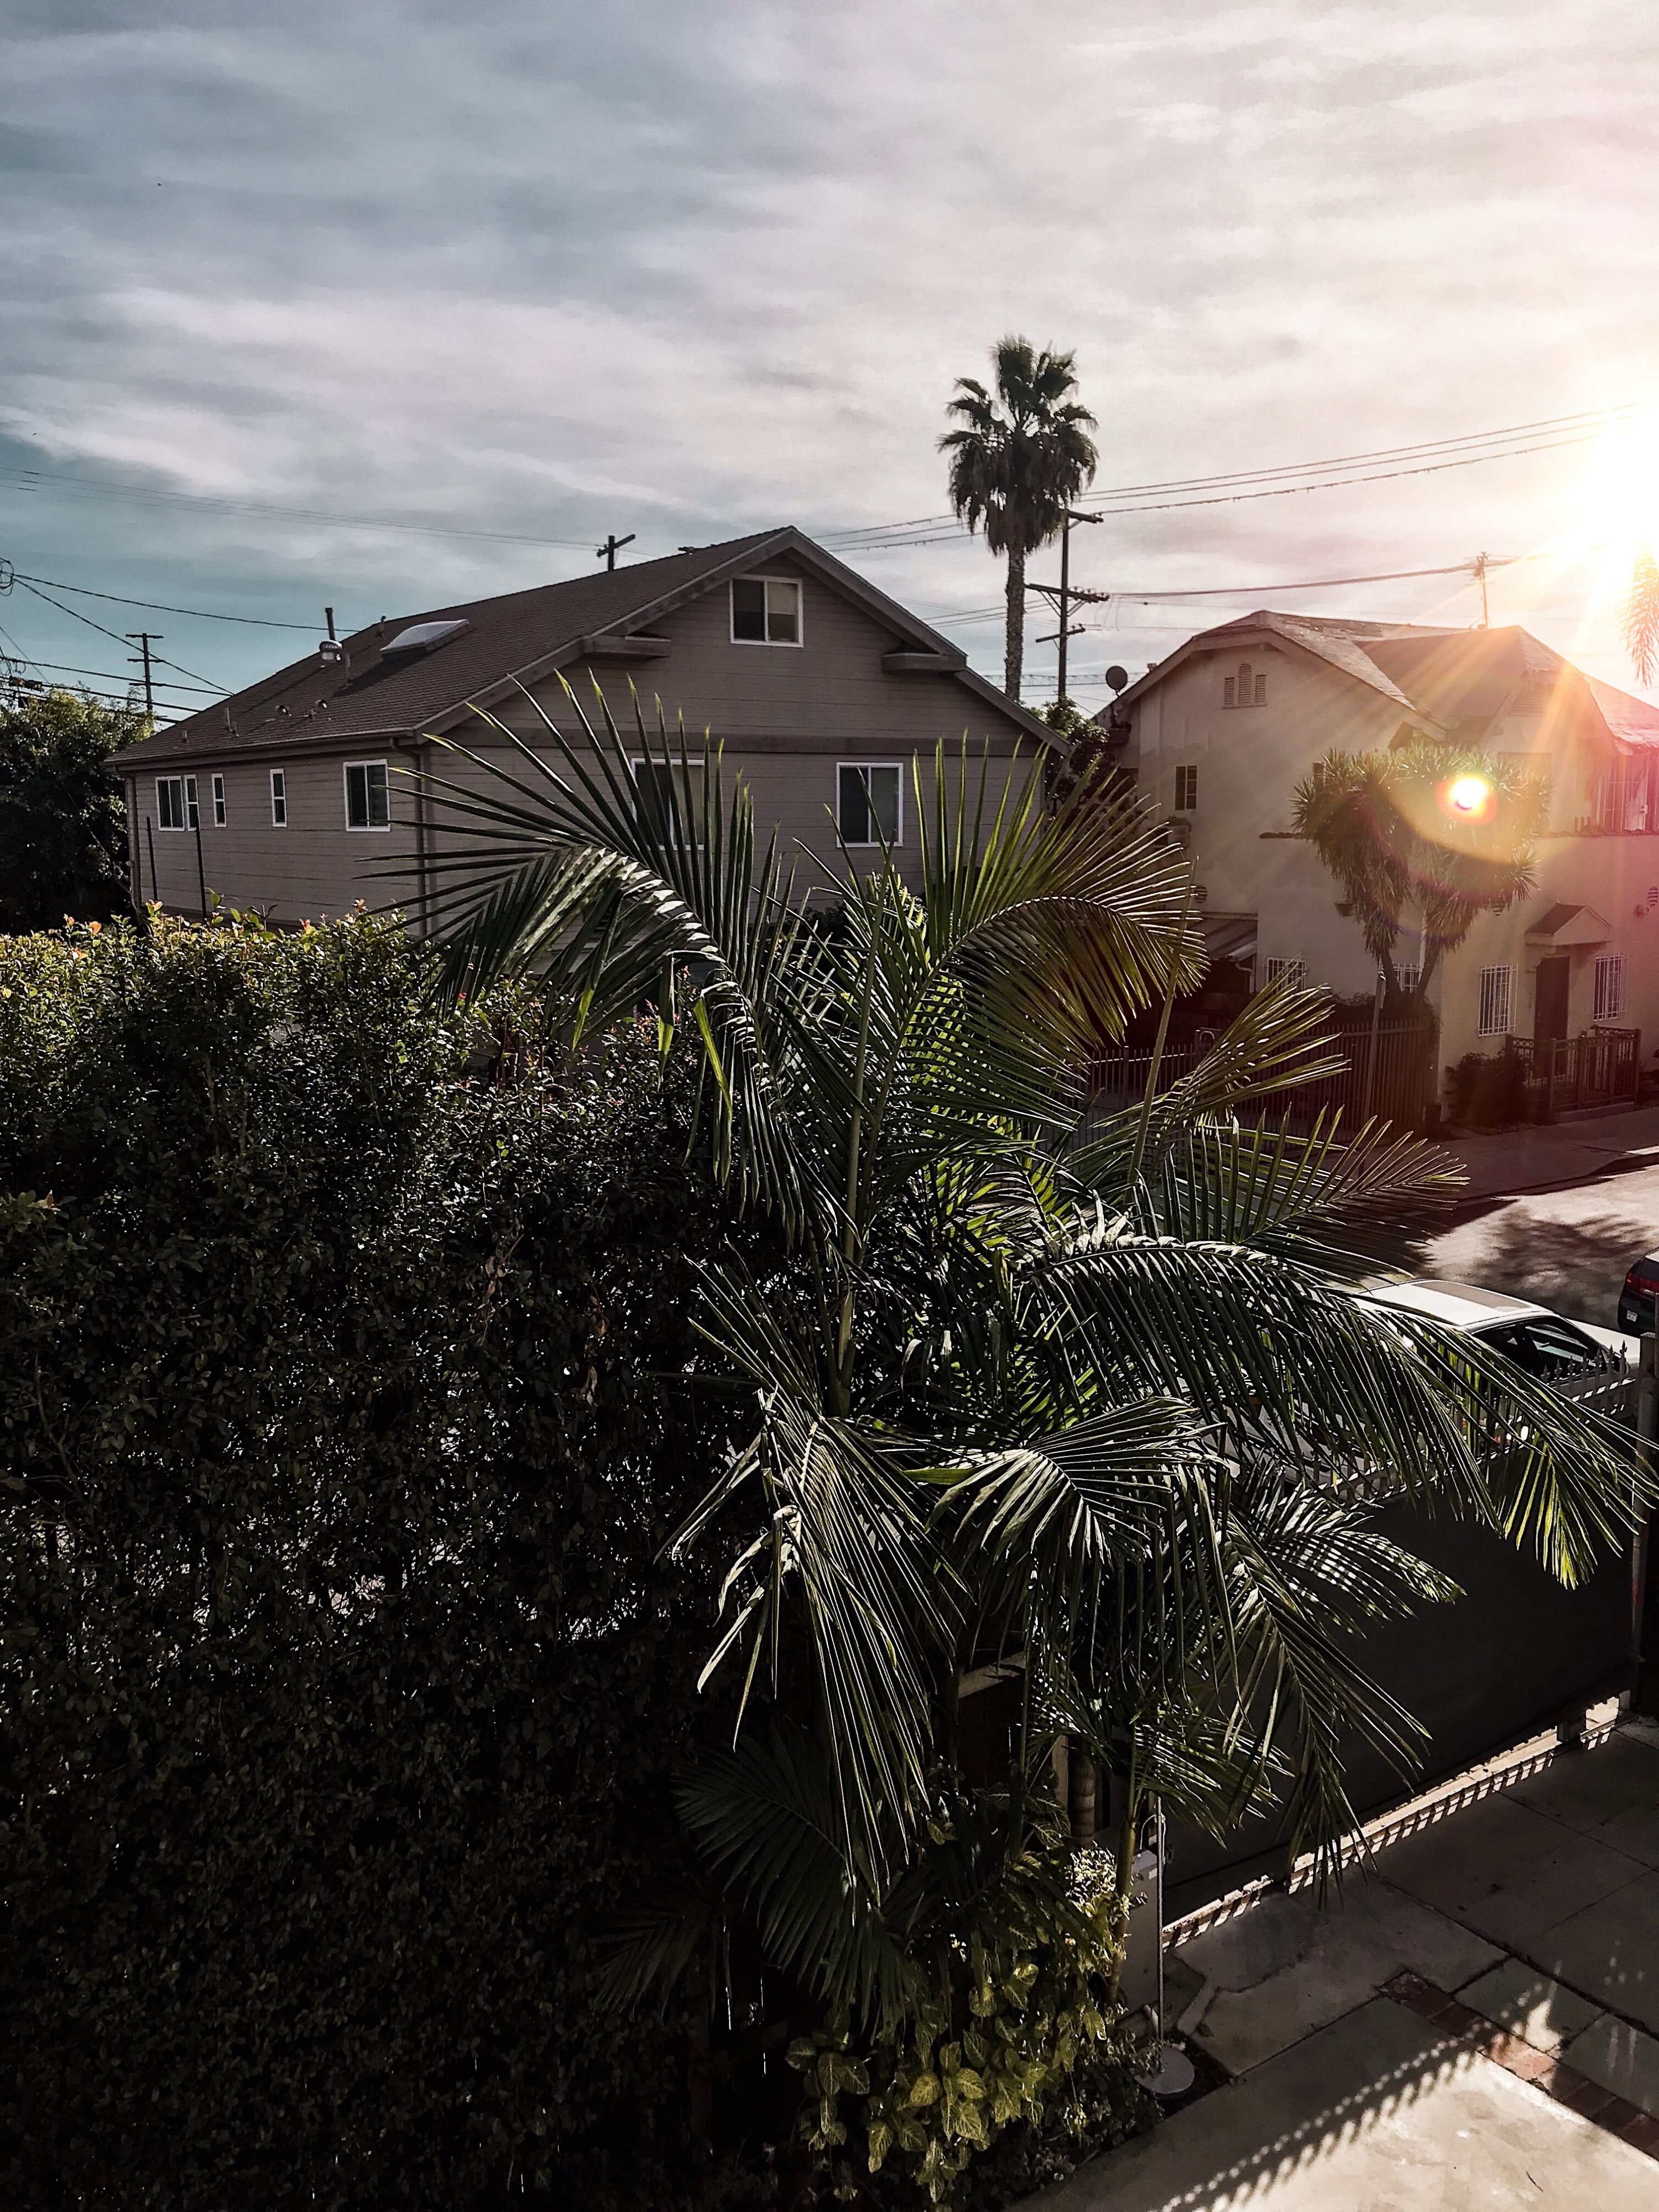 Kenza-Los Angeles-2018-188